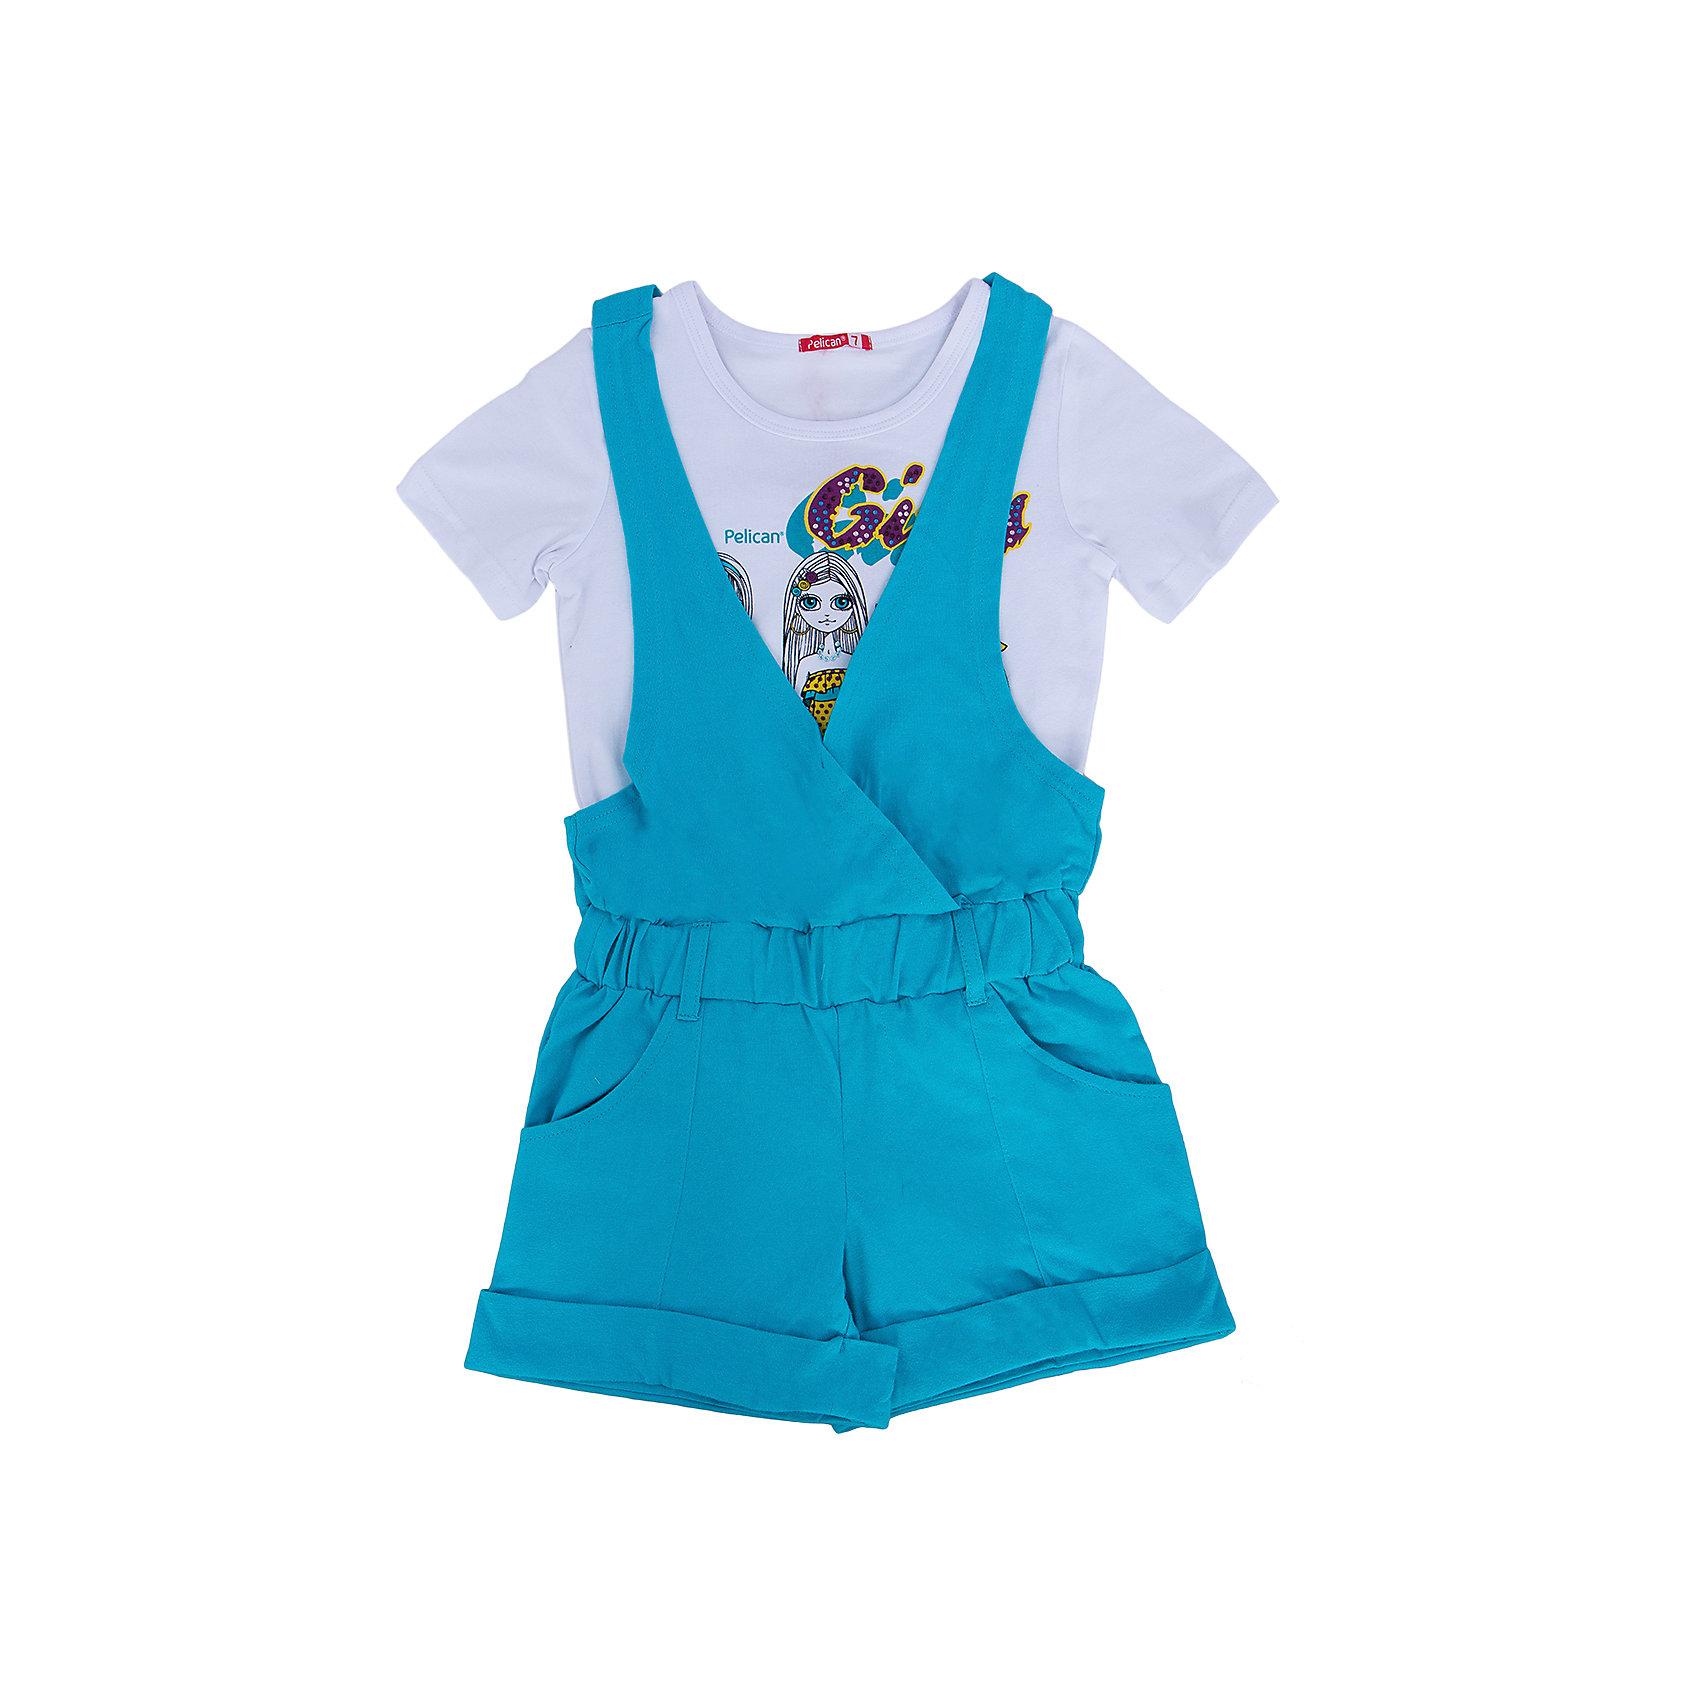 Комплект для девочки PELICANСтильный комплект для девочки состоит из футболки и полукомбинезона. Удобные вещи помогут разнообразить гардероб ребенка, создать подходящий погоде ансамбль. Удобный крой и качественный материал обеспечат ребенку комфорт при ношении этих вещей. <br>Полукомбинезон очень стильно смотрятся благодаря актуальному в этот сезоне дизайну. Футболка - с модным принтом и короткими рукавами. Материал - легкий, отлично подходит для лета, состоит преимущественно из дышащего натурального хлопка. Очень приятен на ощупь, не вызывает аллергии.<br><br>Дополнительная информация:<br><br>материал: футболка - 93% хлопок, 7% эластан, полукомбинезон - 100% хлопок;<br>цвет: разноцветный;<br>футболка - с принтом;<br>рукава короткие.<br><br>Комплект для девочки от бренда PELICAN (Пеликан) можно купить в нашем магазине.<br><br>Ширина мм: 215<br>Глубина мм: 88<br>Высота мм: 191<br>Вес г: 336<br>Цвет: голубой<br>Возраст от месяцев: 72<br>Возраст до месяцев: 84<br>Пол: Женский<br>Возраст: Детский<br>Размер: 122,128<br>SKU: 4804916